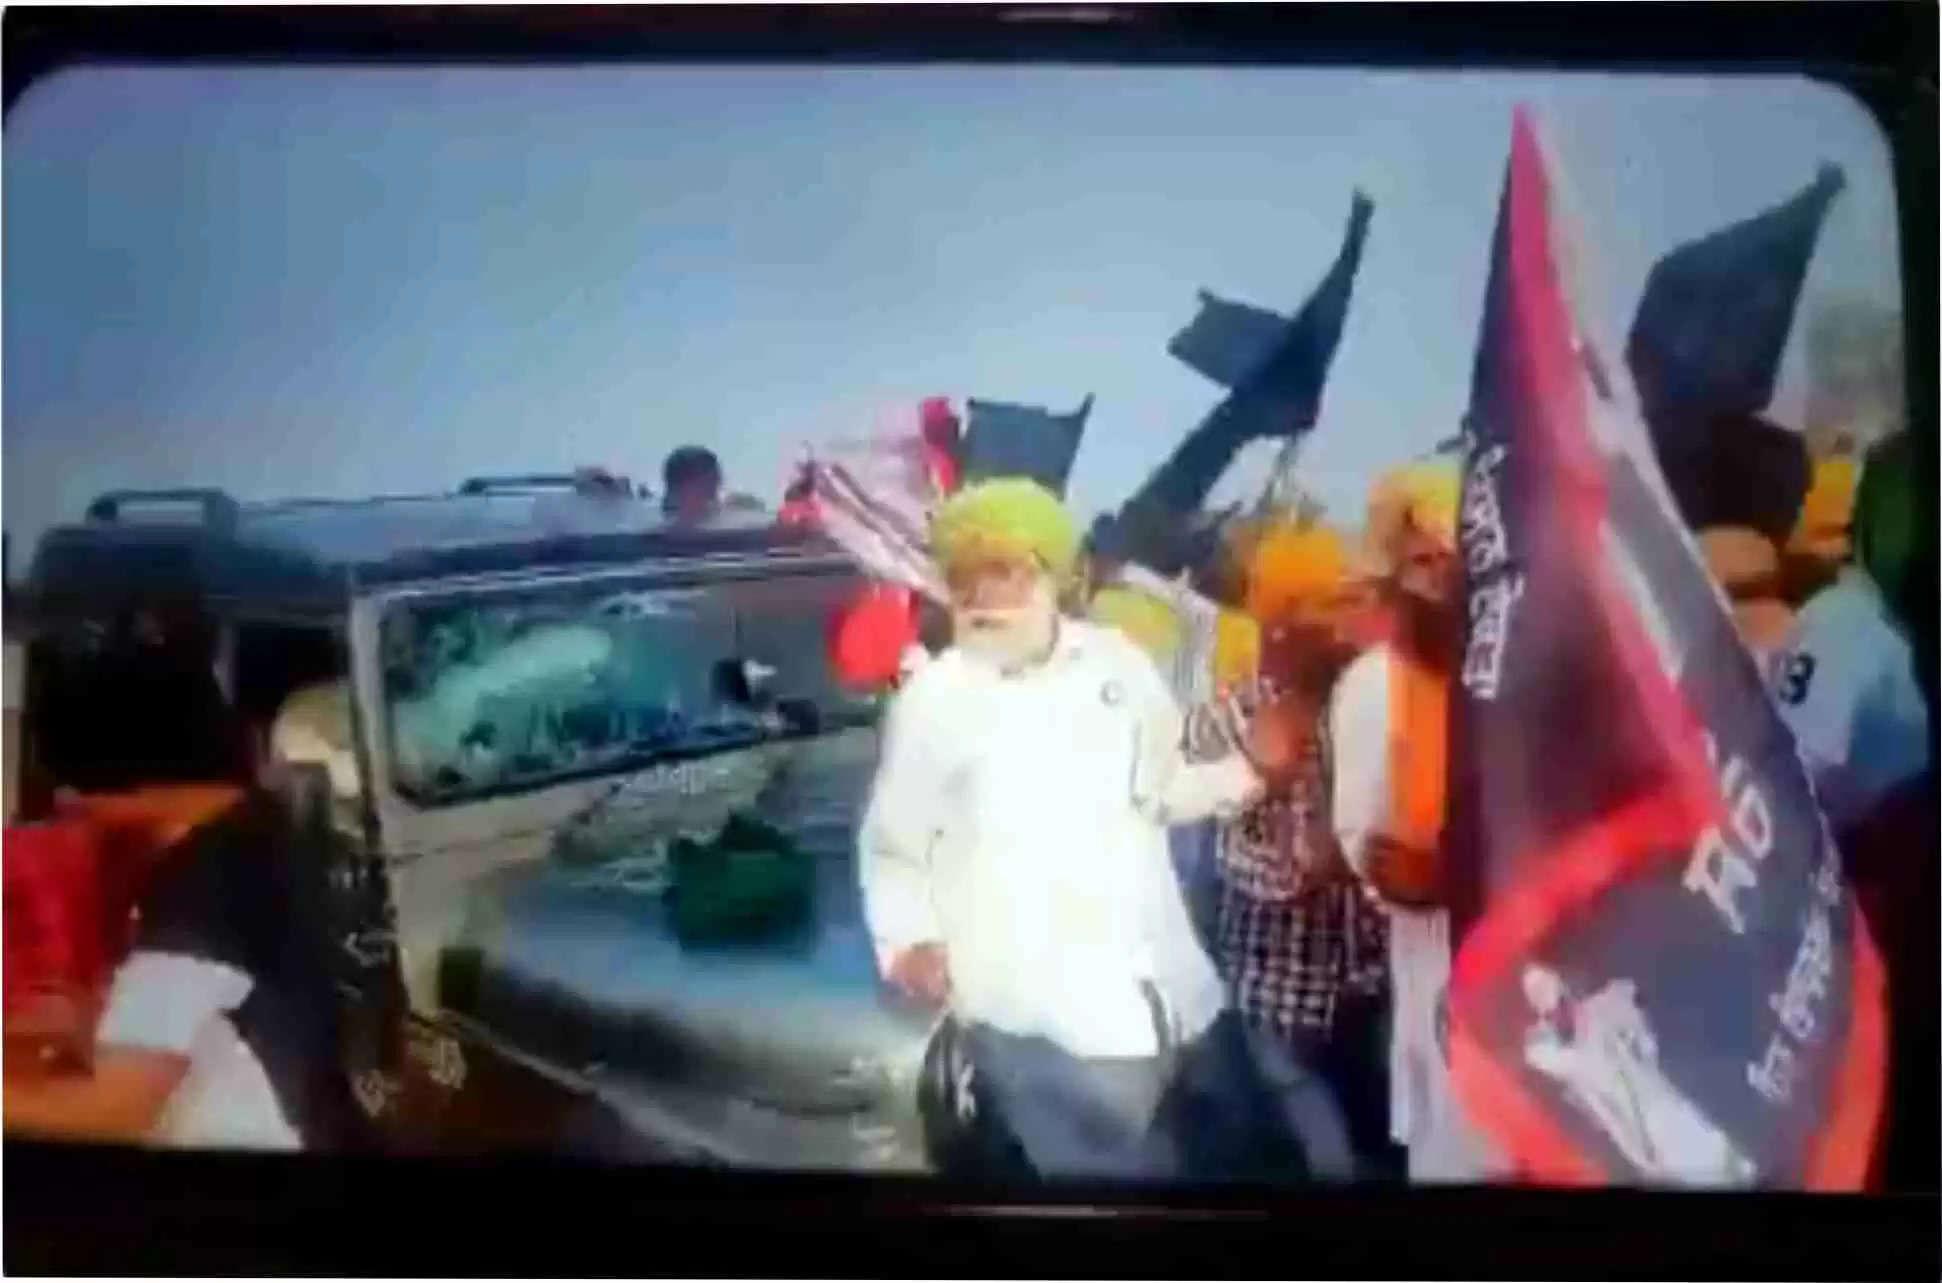 यह वीडियो किसी की भी आत्मा को झखझोर देगा,जिसमें किसानों कोजानबूझकर रौंदते हुए चली गई थी गाड़ी